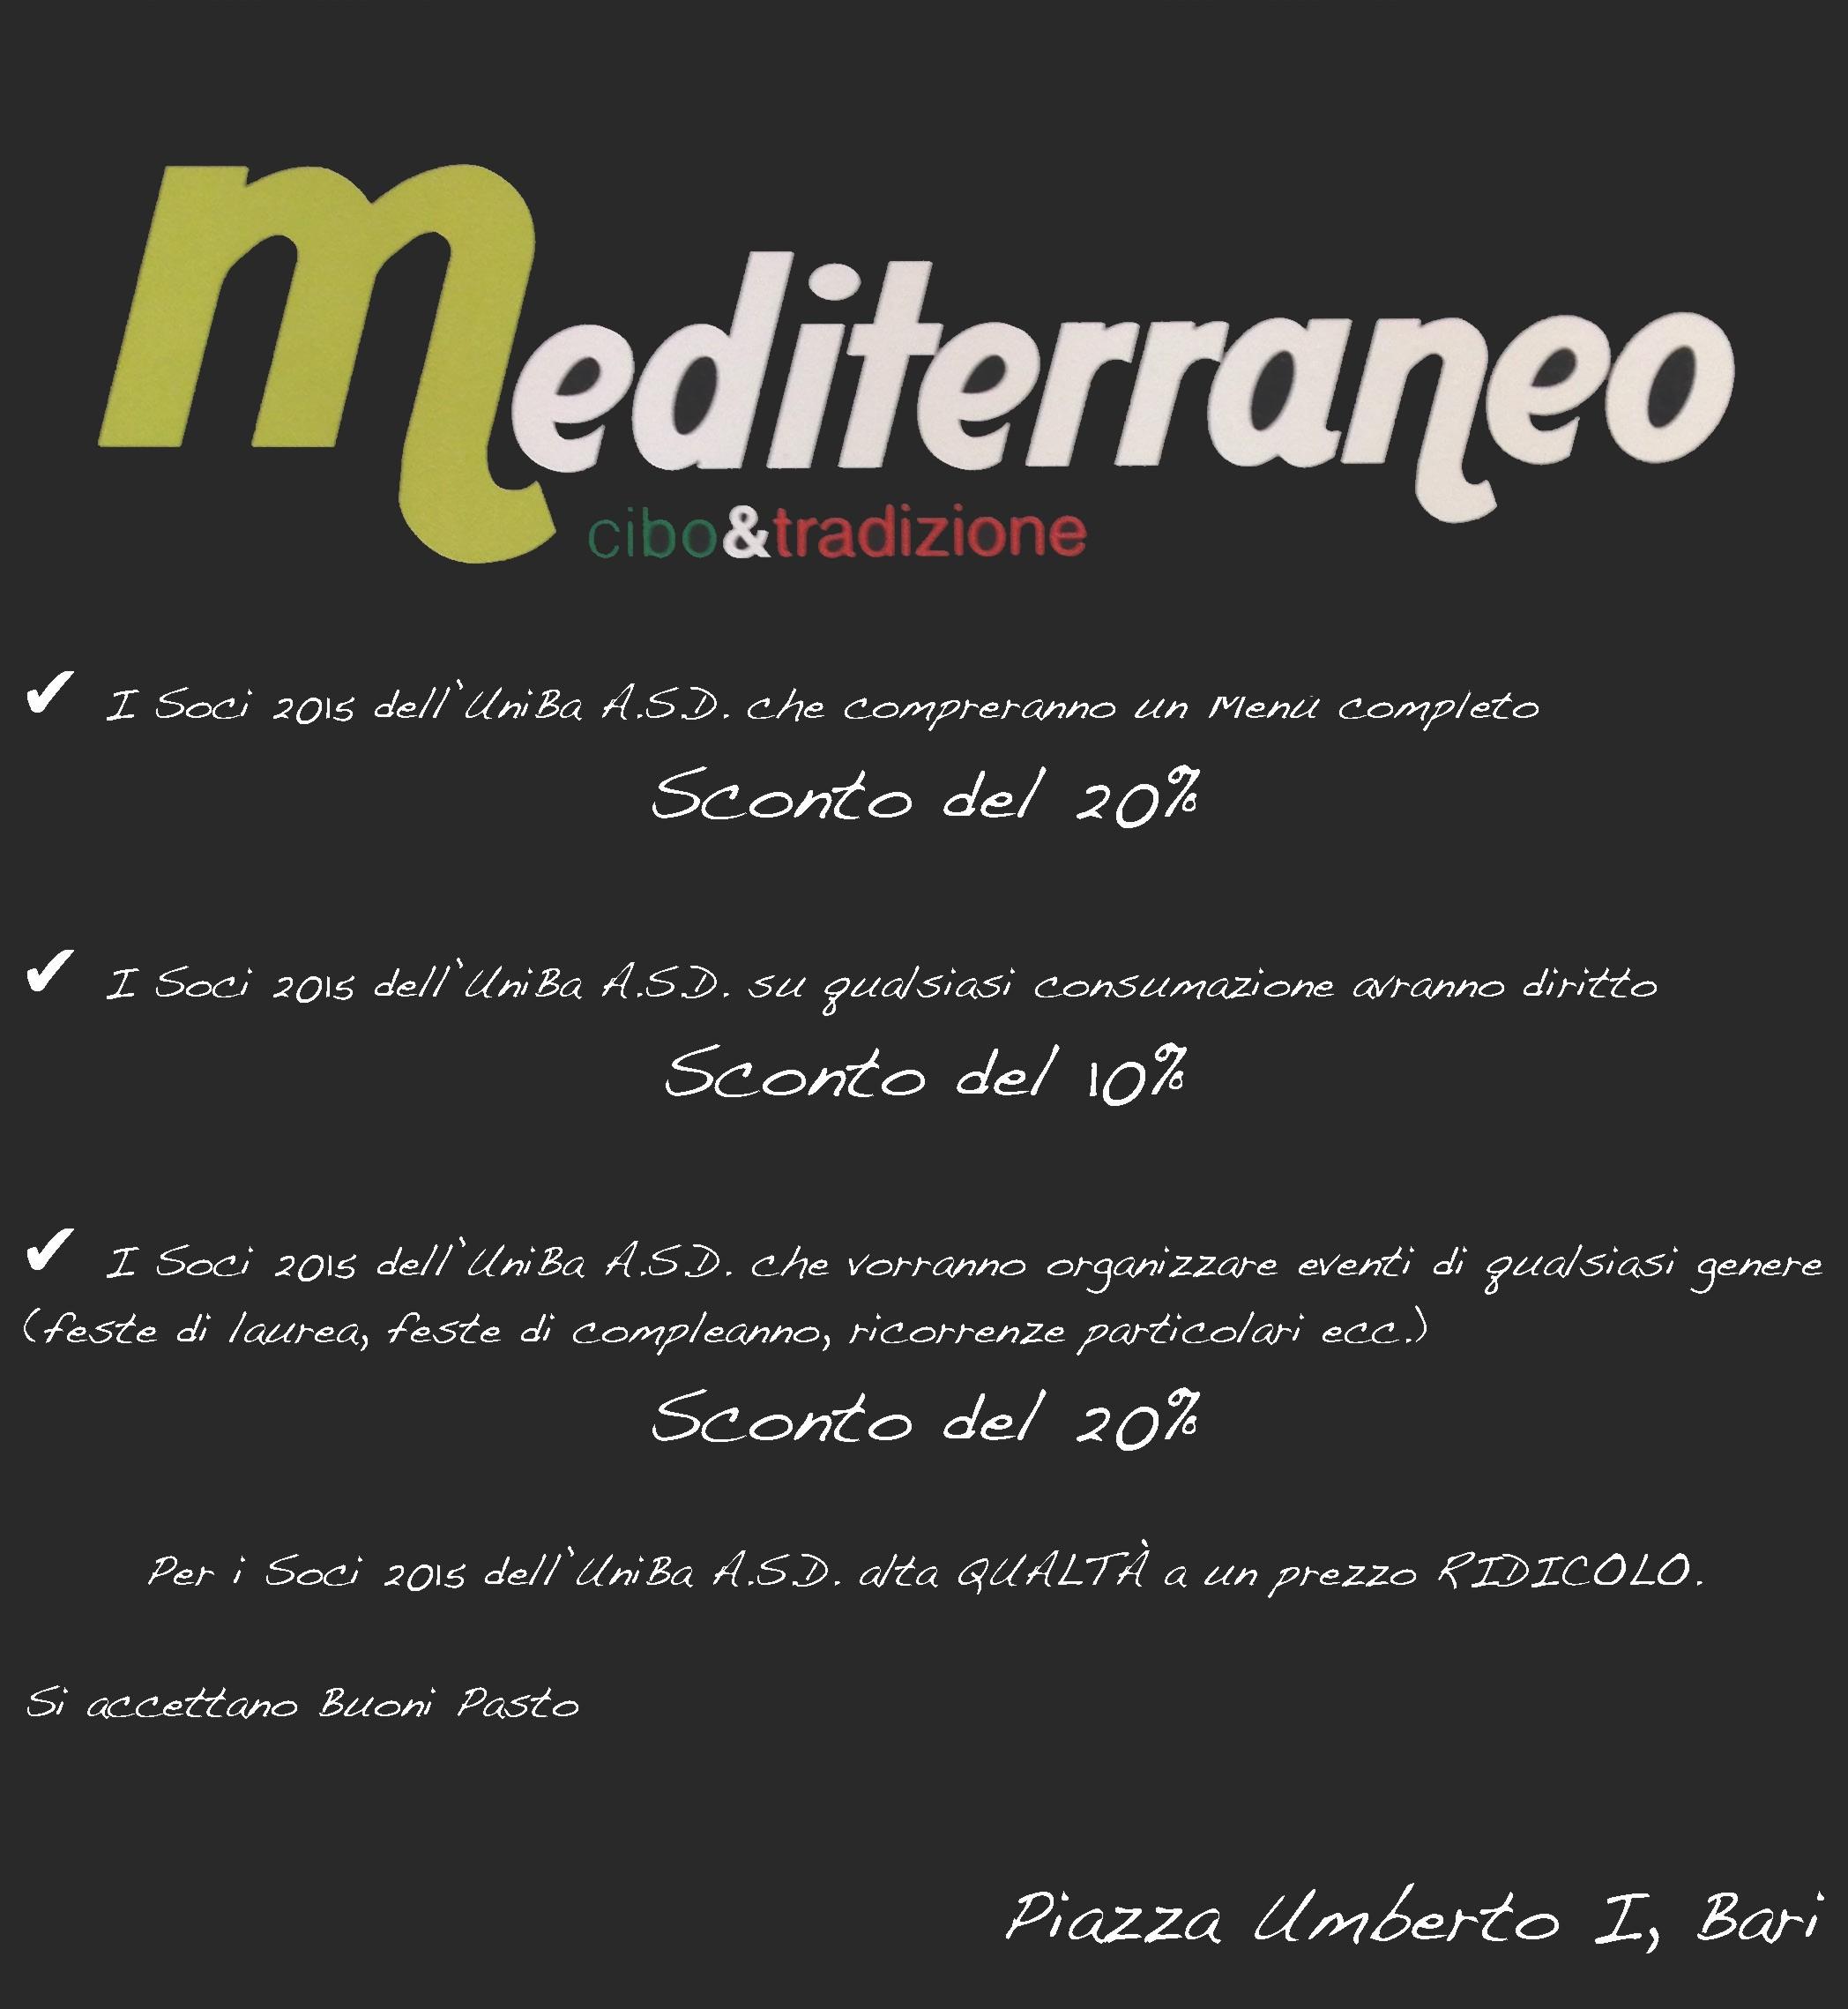 Mediterraneo Cibo e Tradizione